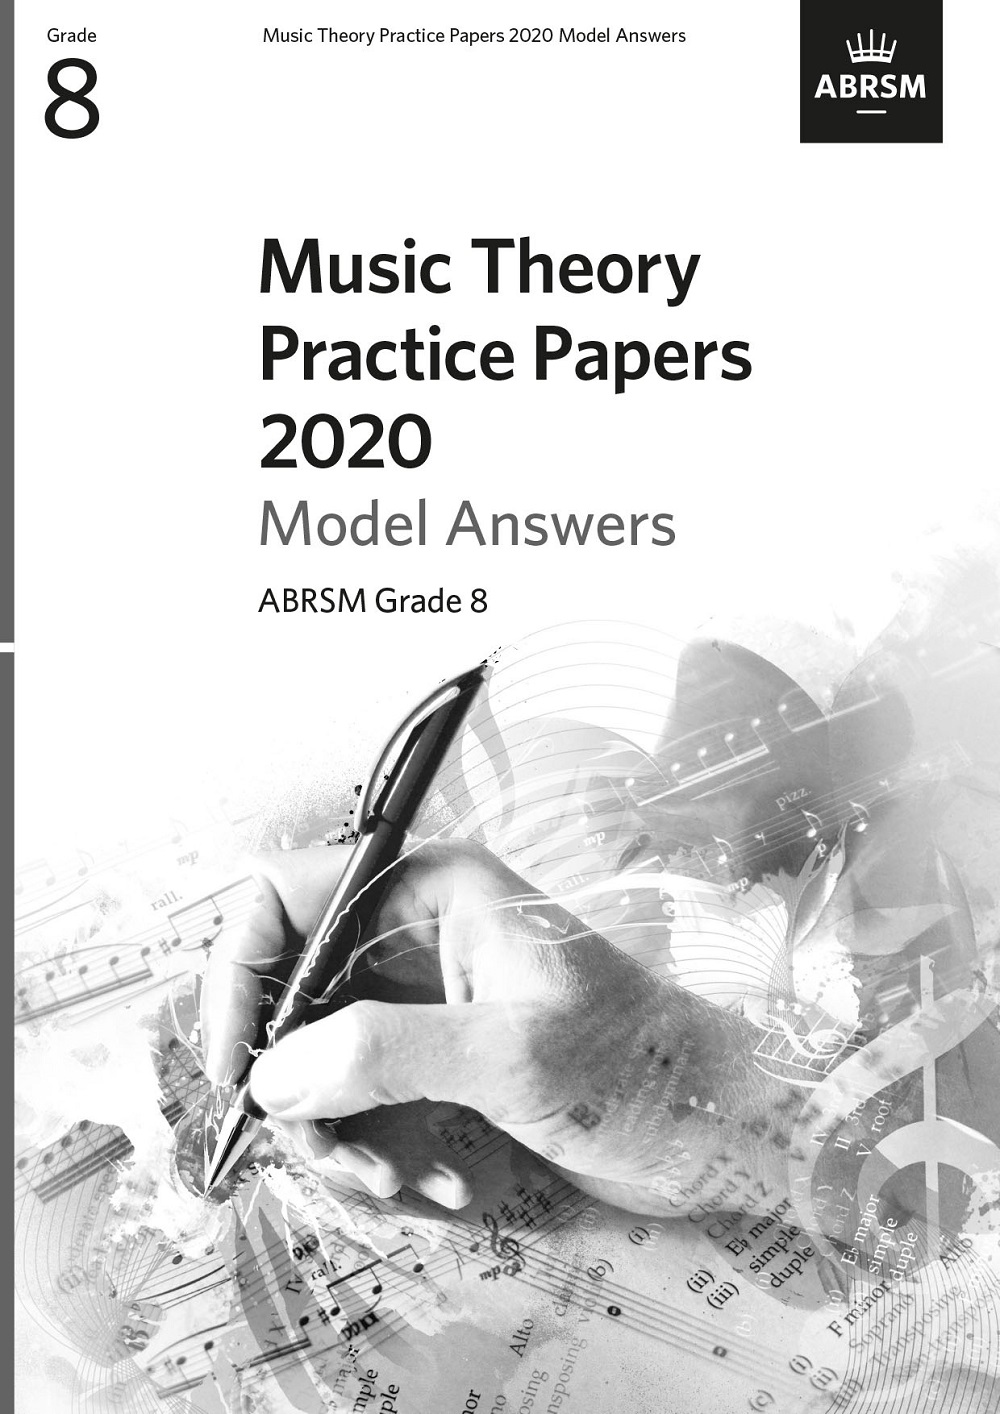 Music Theory Model Answers 2020 Grade 8: Theory